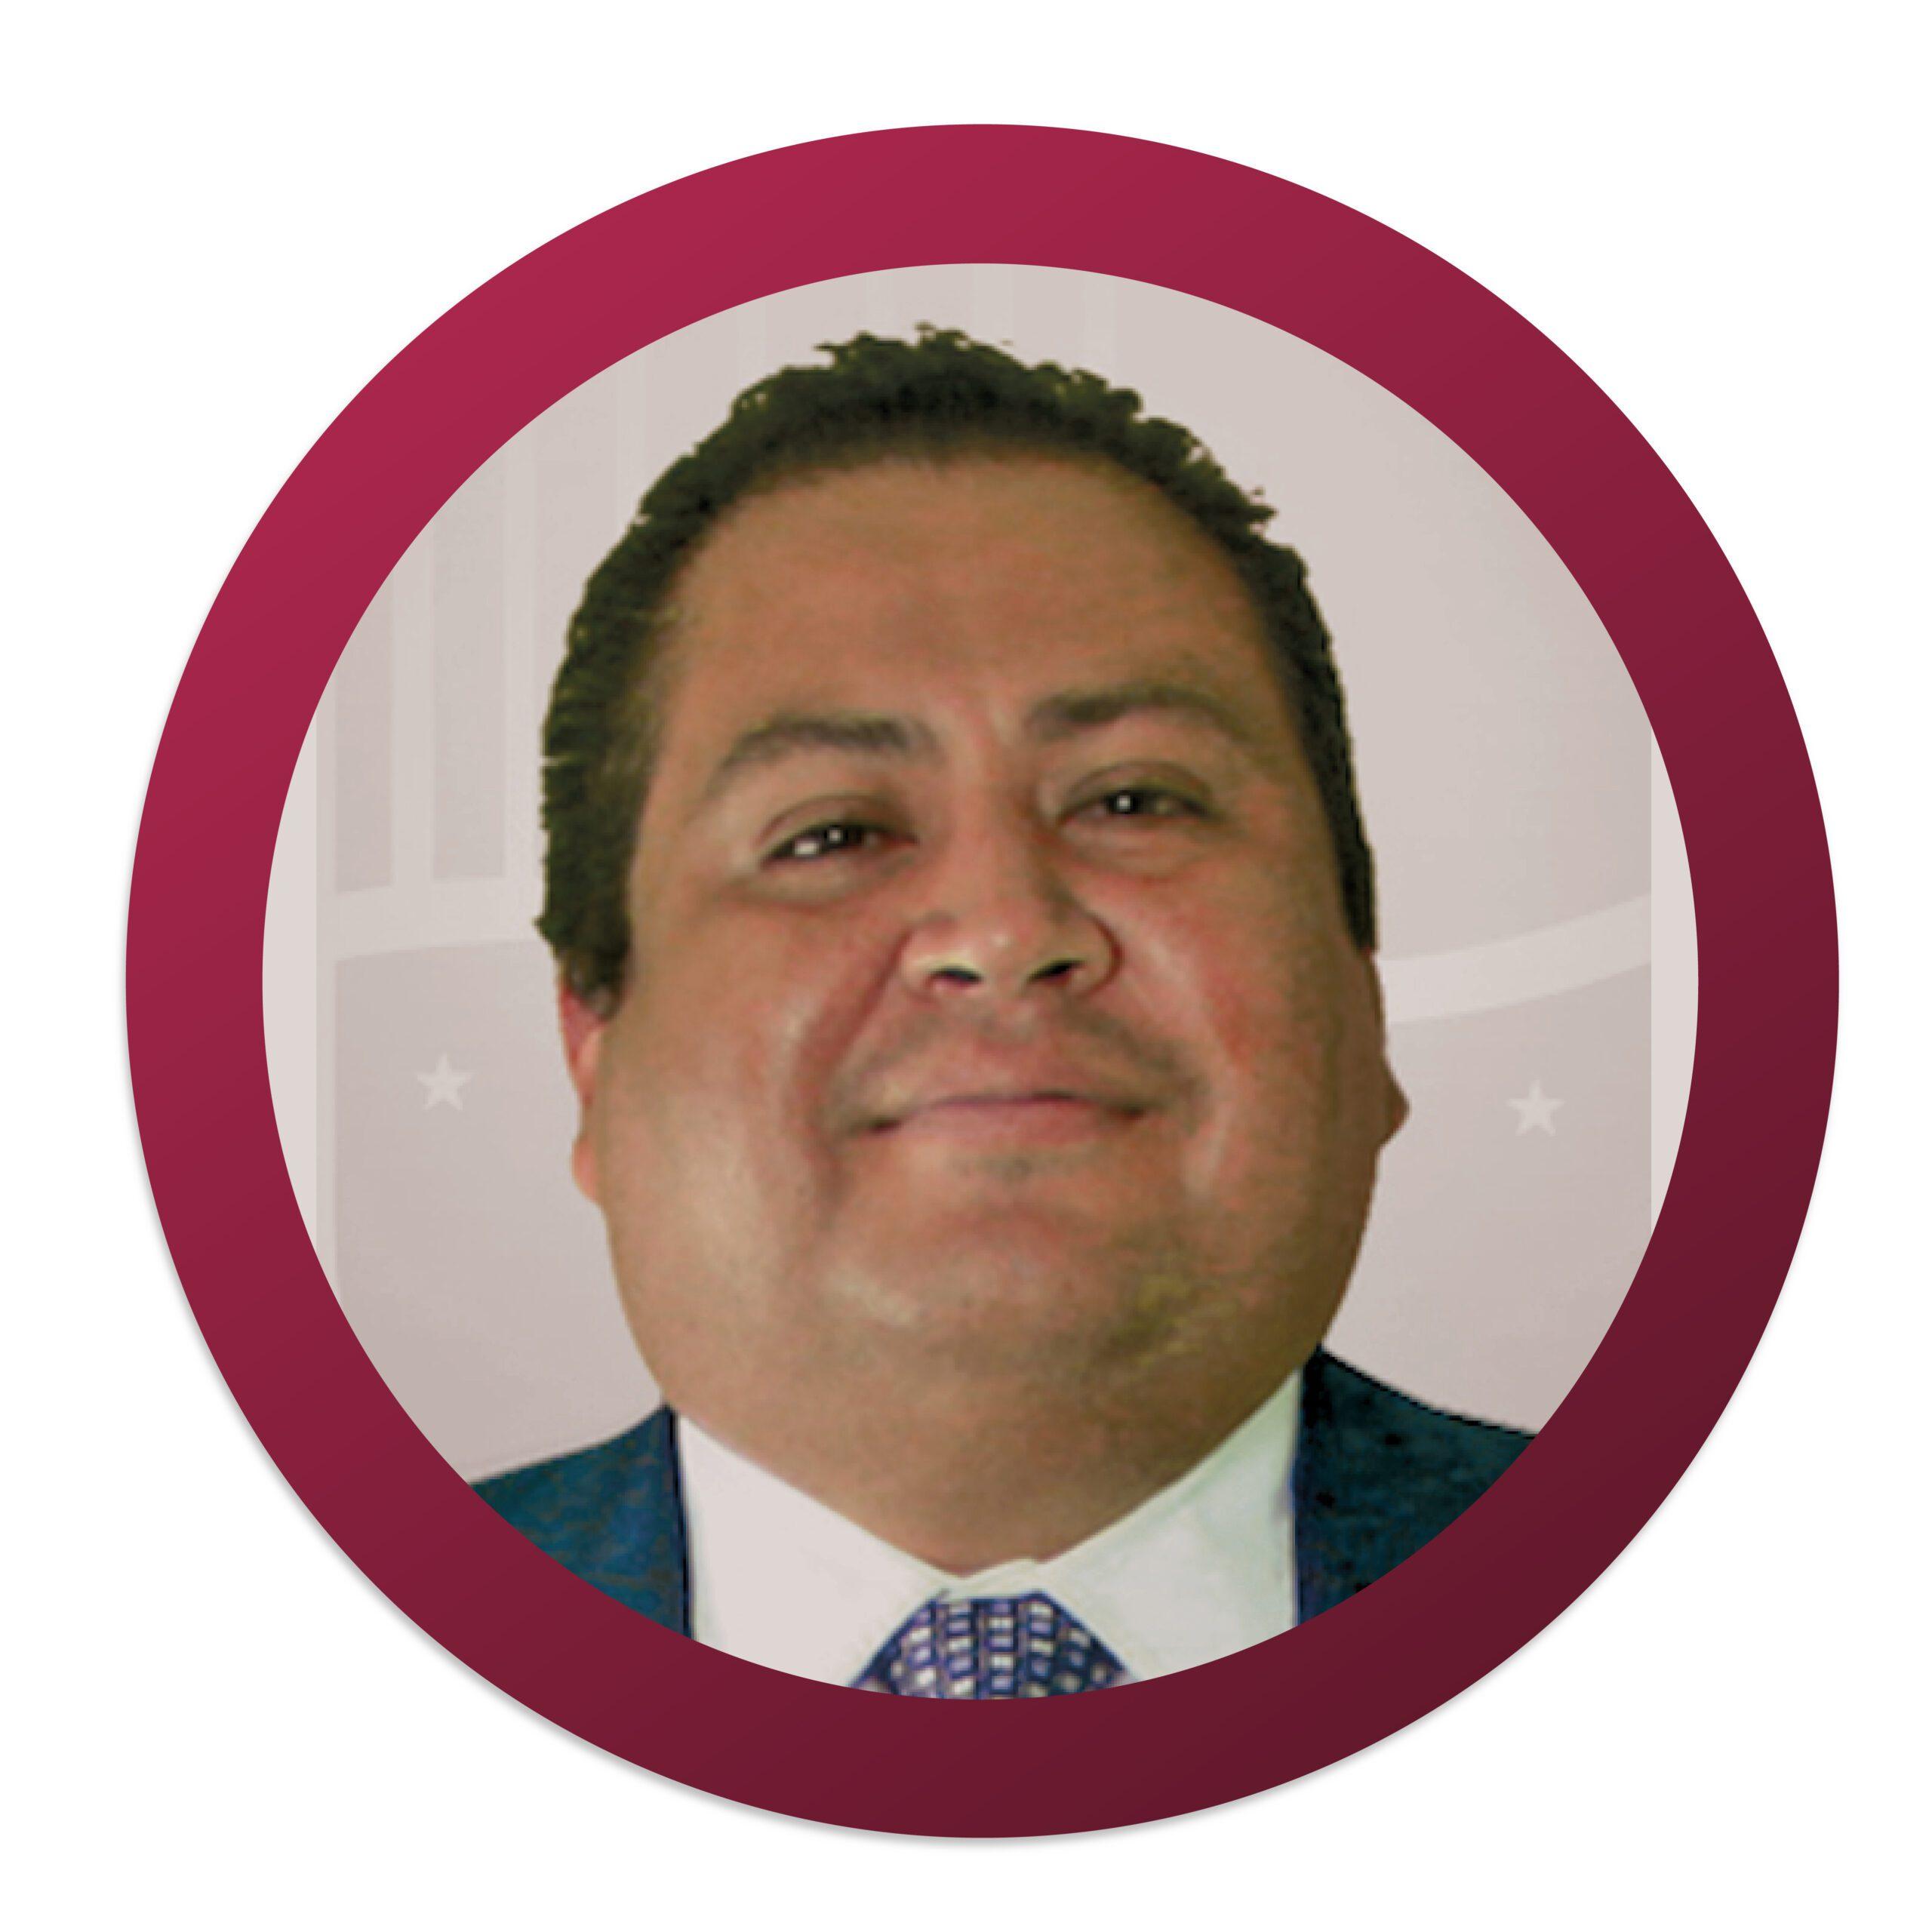 C. Marlon Santillán Quiroz